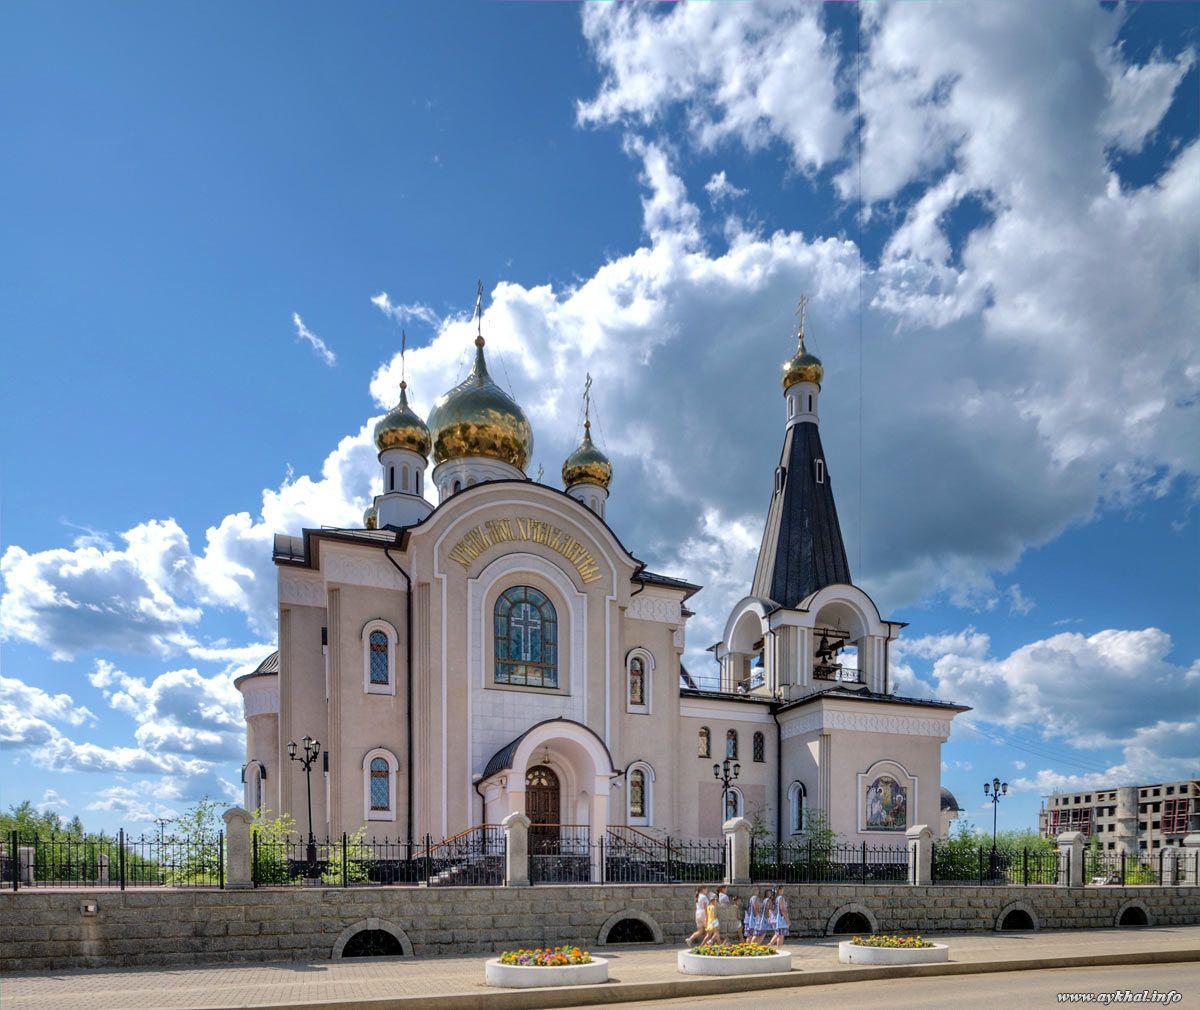 Якутия, город Мирный. Свято-Троицкий храм. Медная кровля